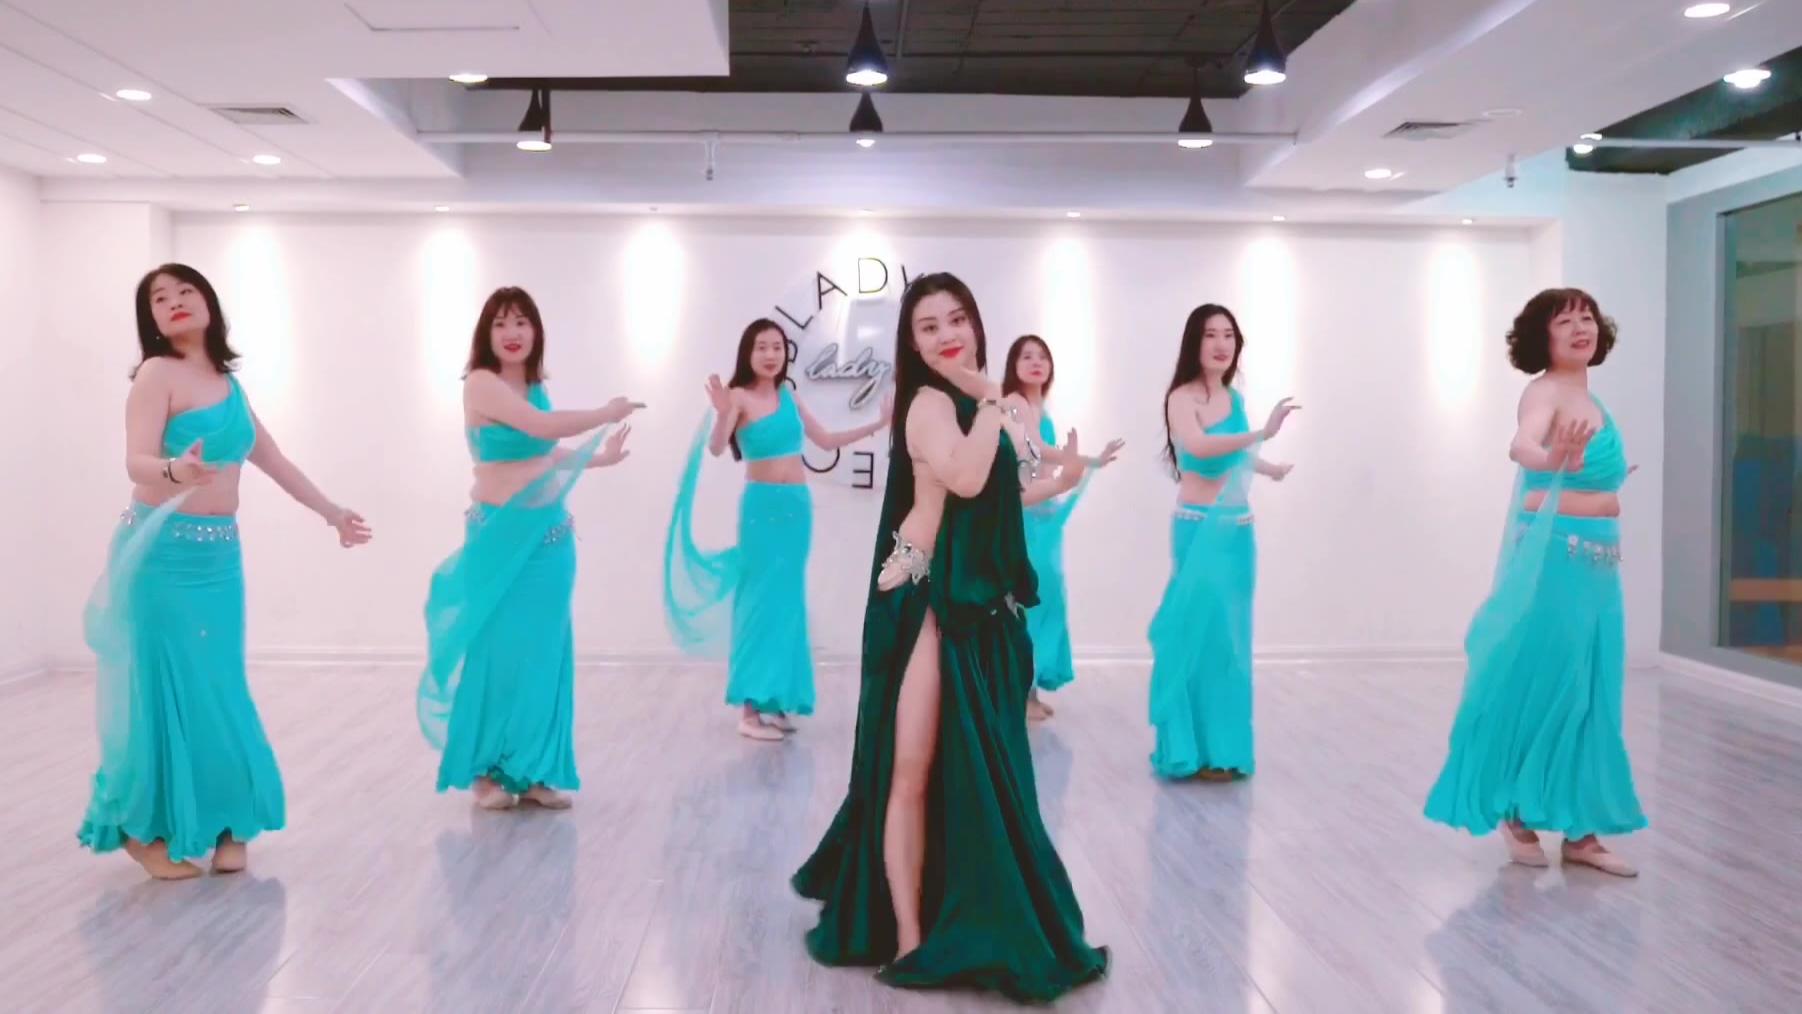 肚皮舞【三次心跳】 青岛肚皮舞 青岛LadyS舞蹈 青岛年会舞蹈 东方舞